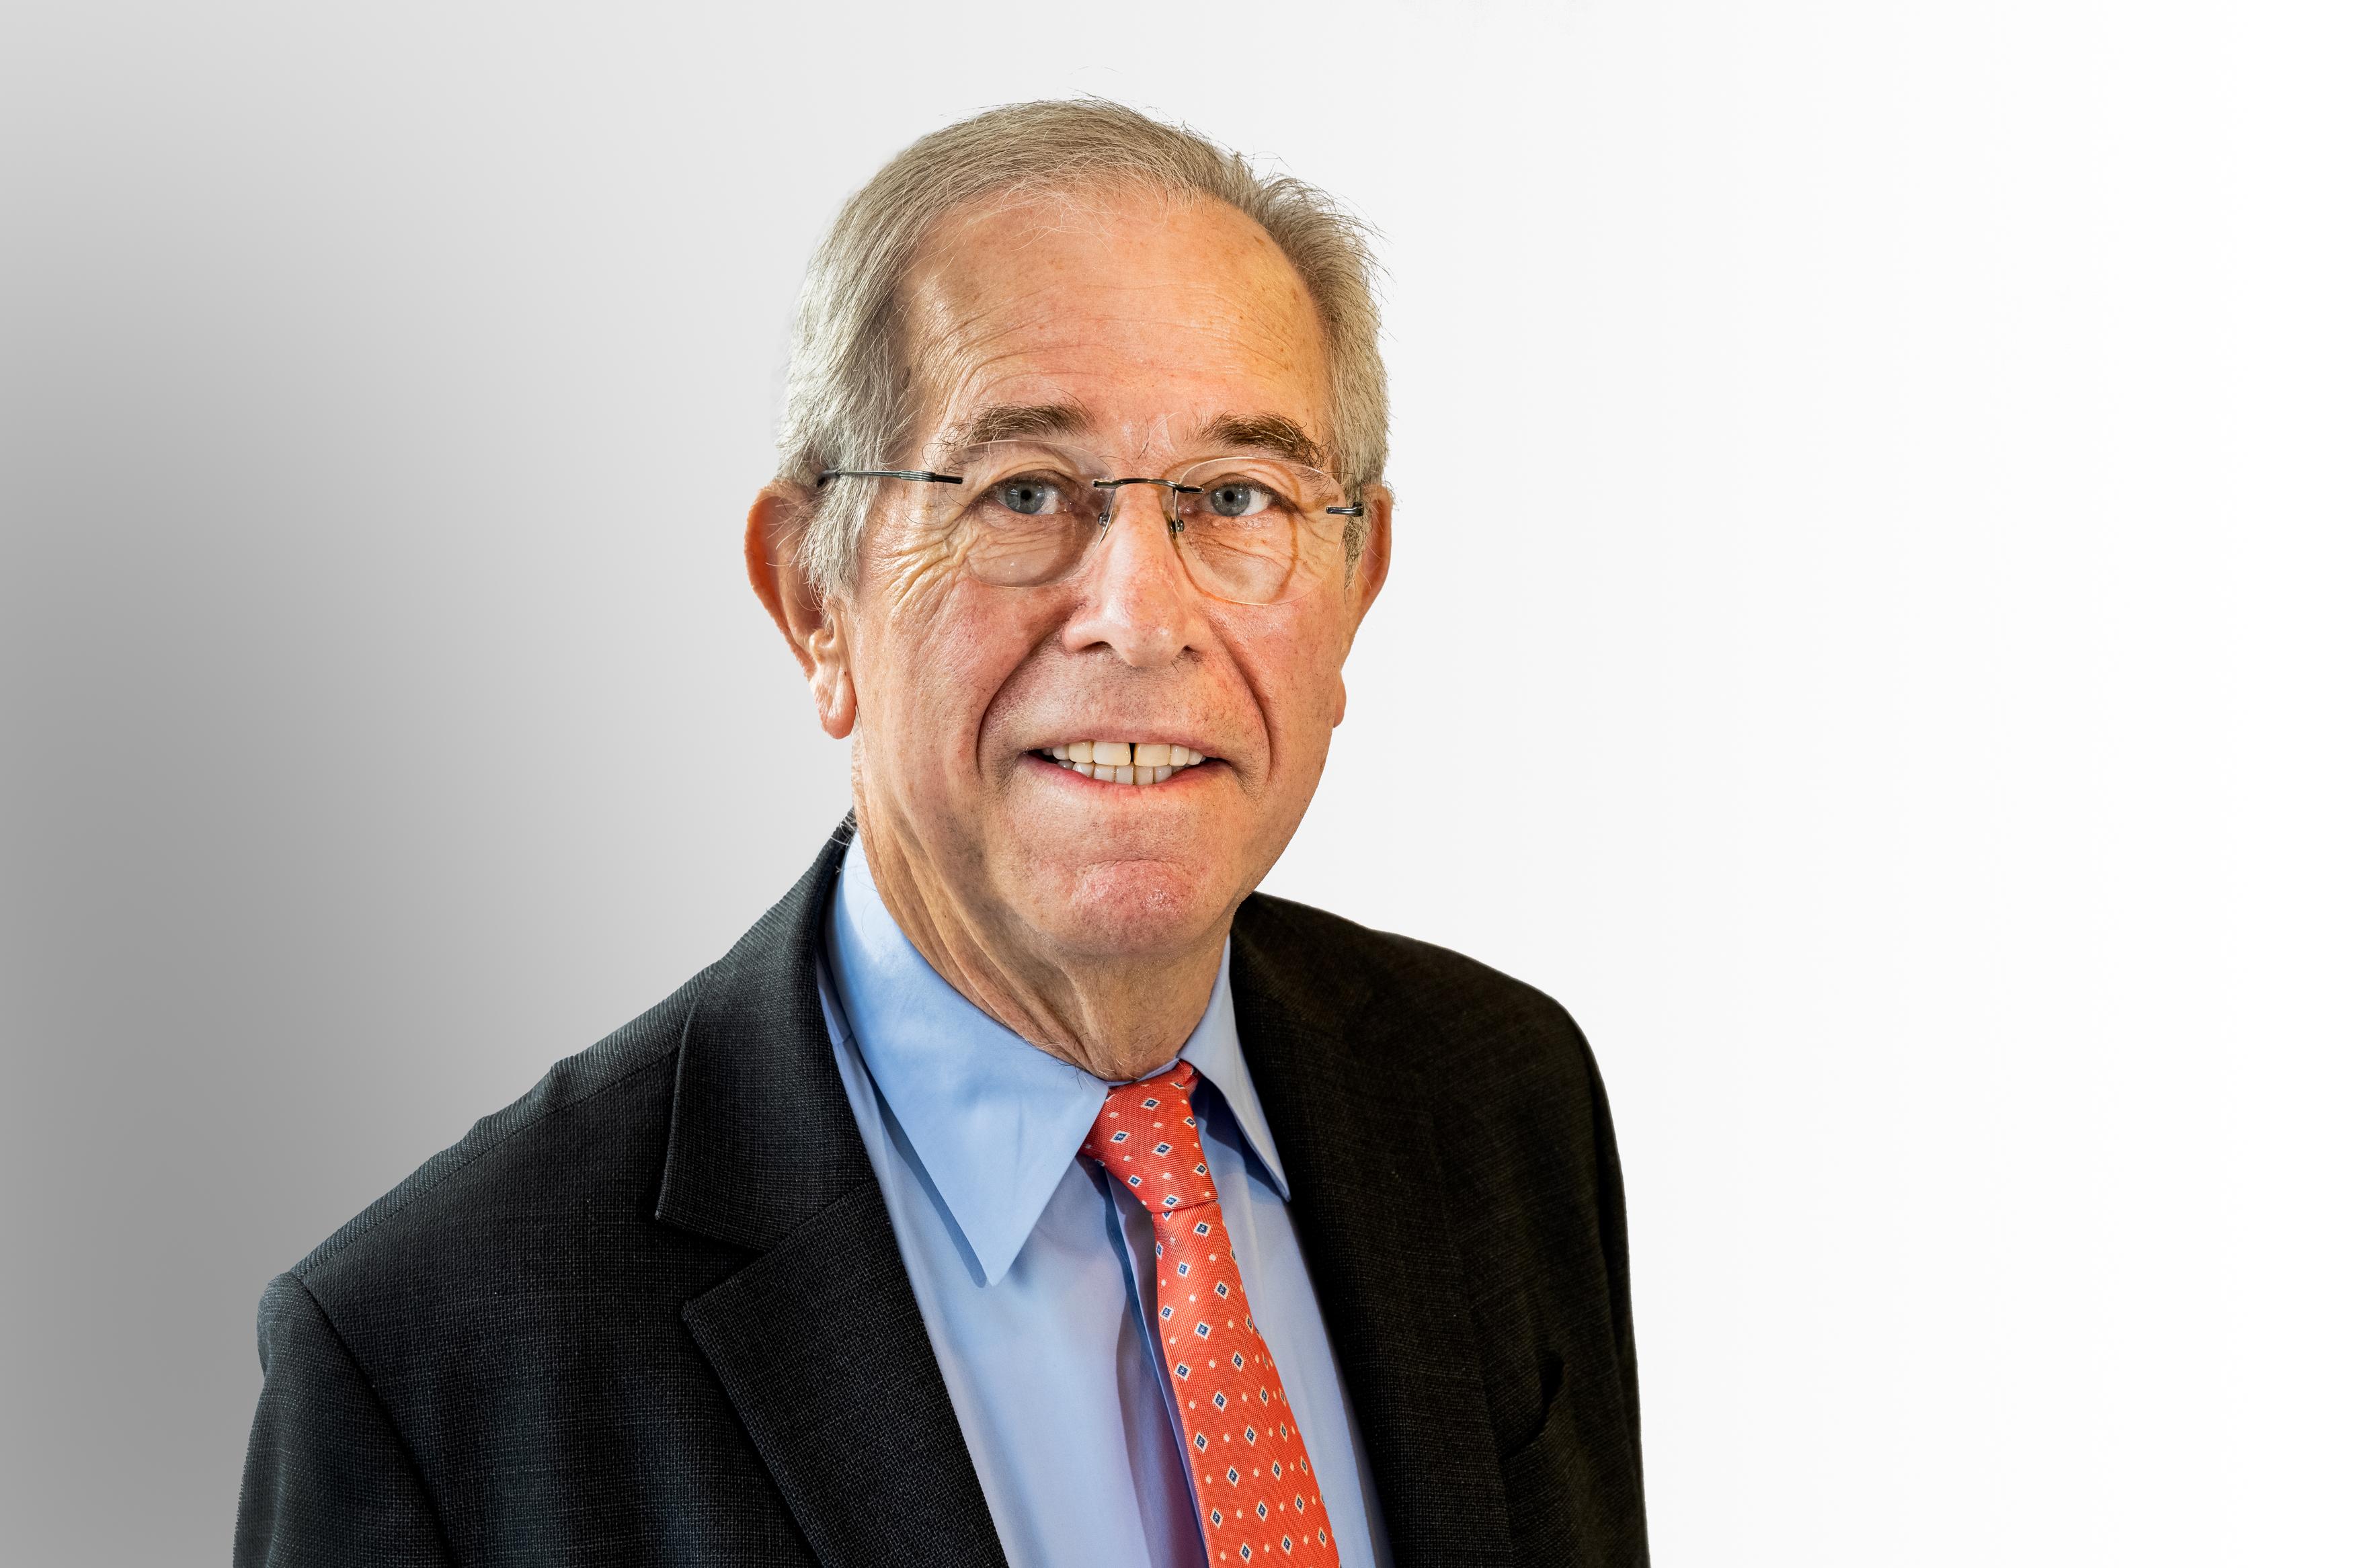 Christiaan Beernaert